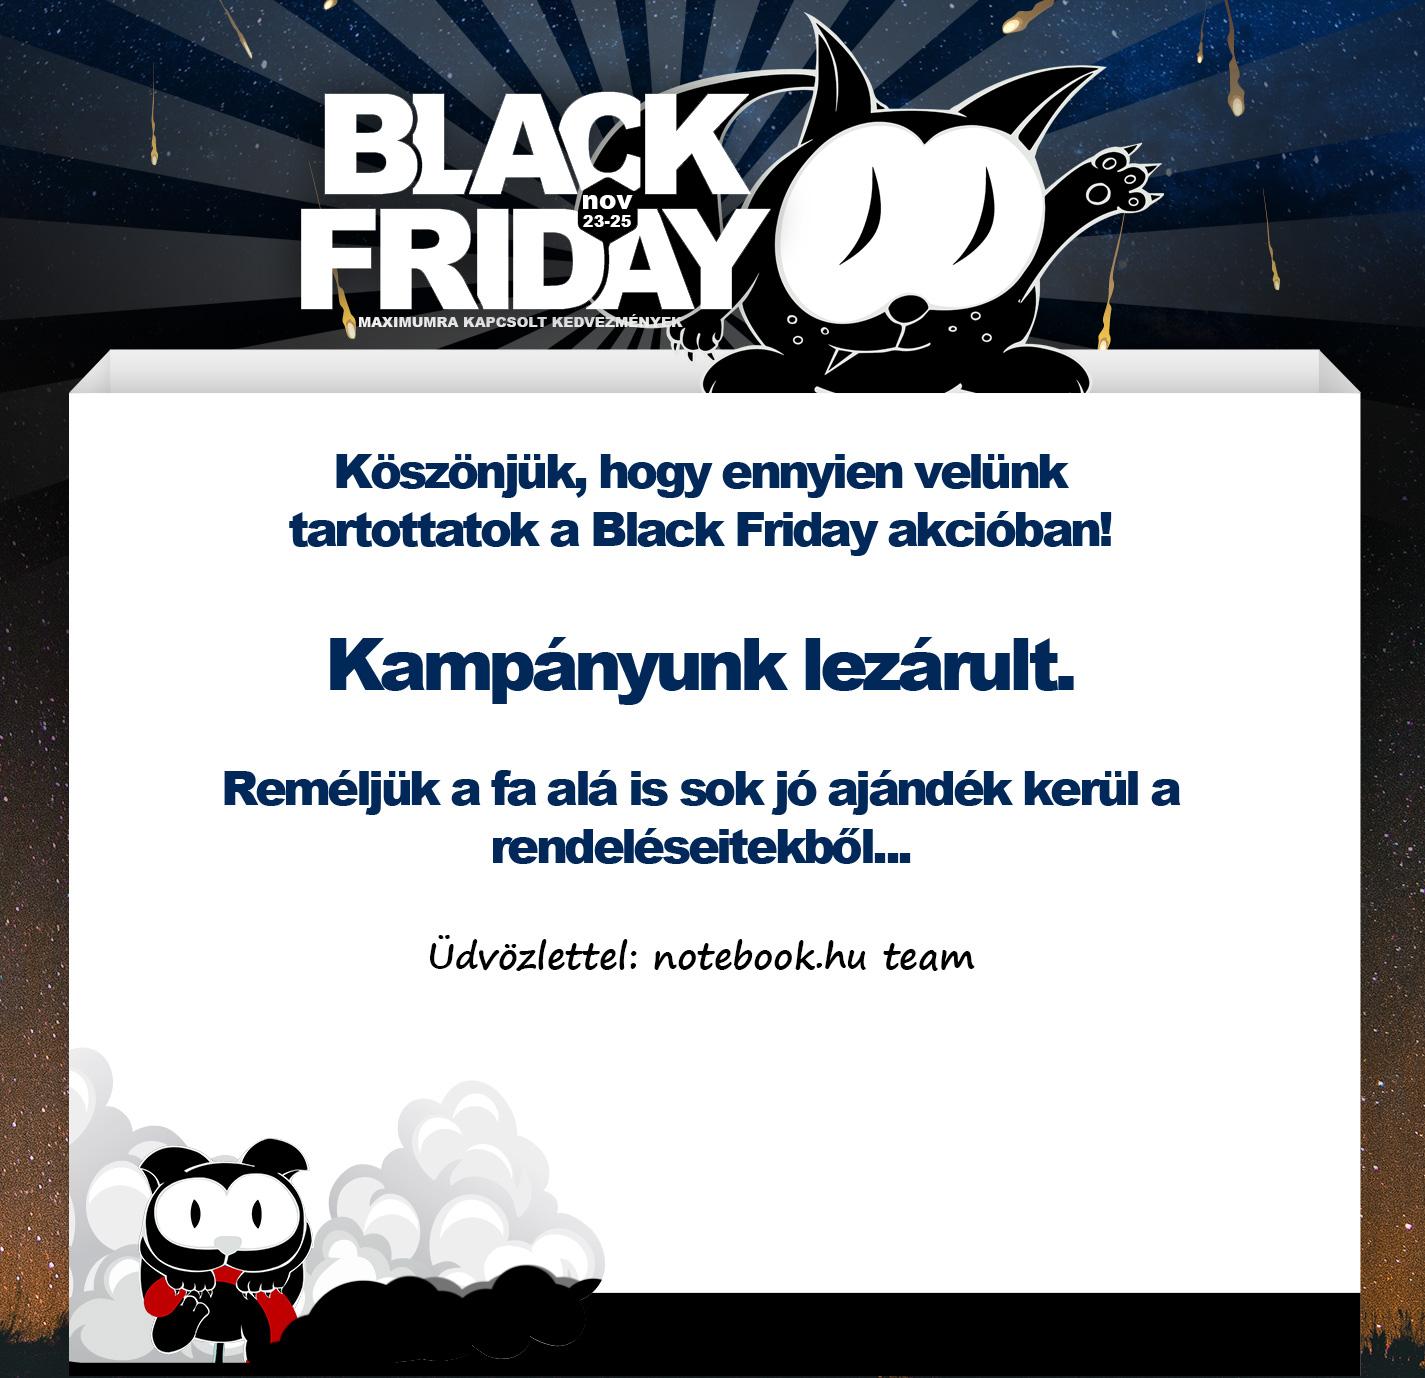 Black Friday 2018.11.22 - 25. - Notebook.hu